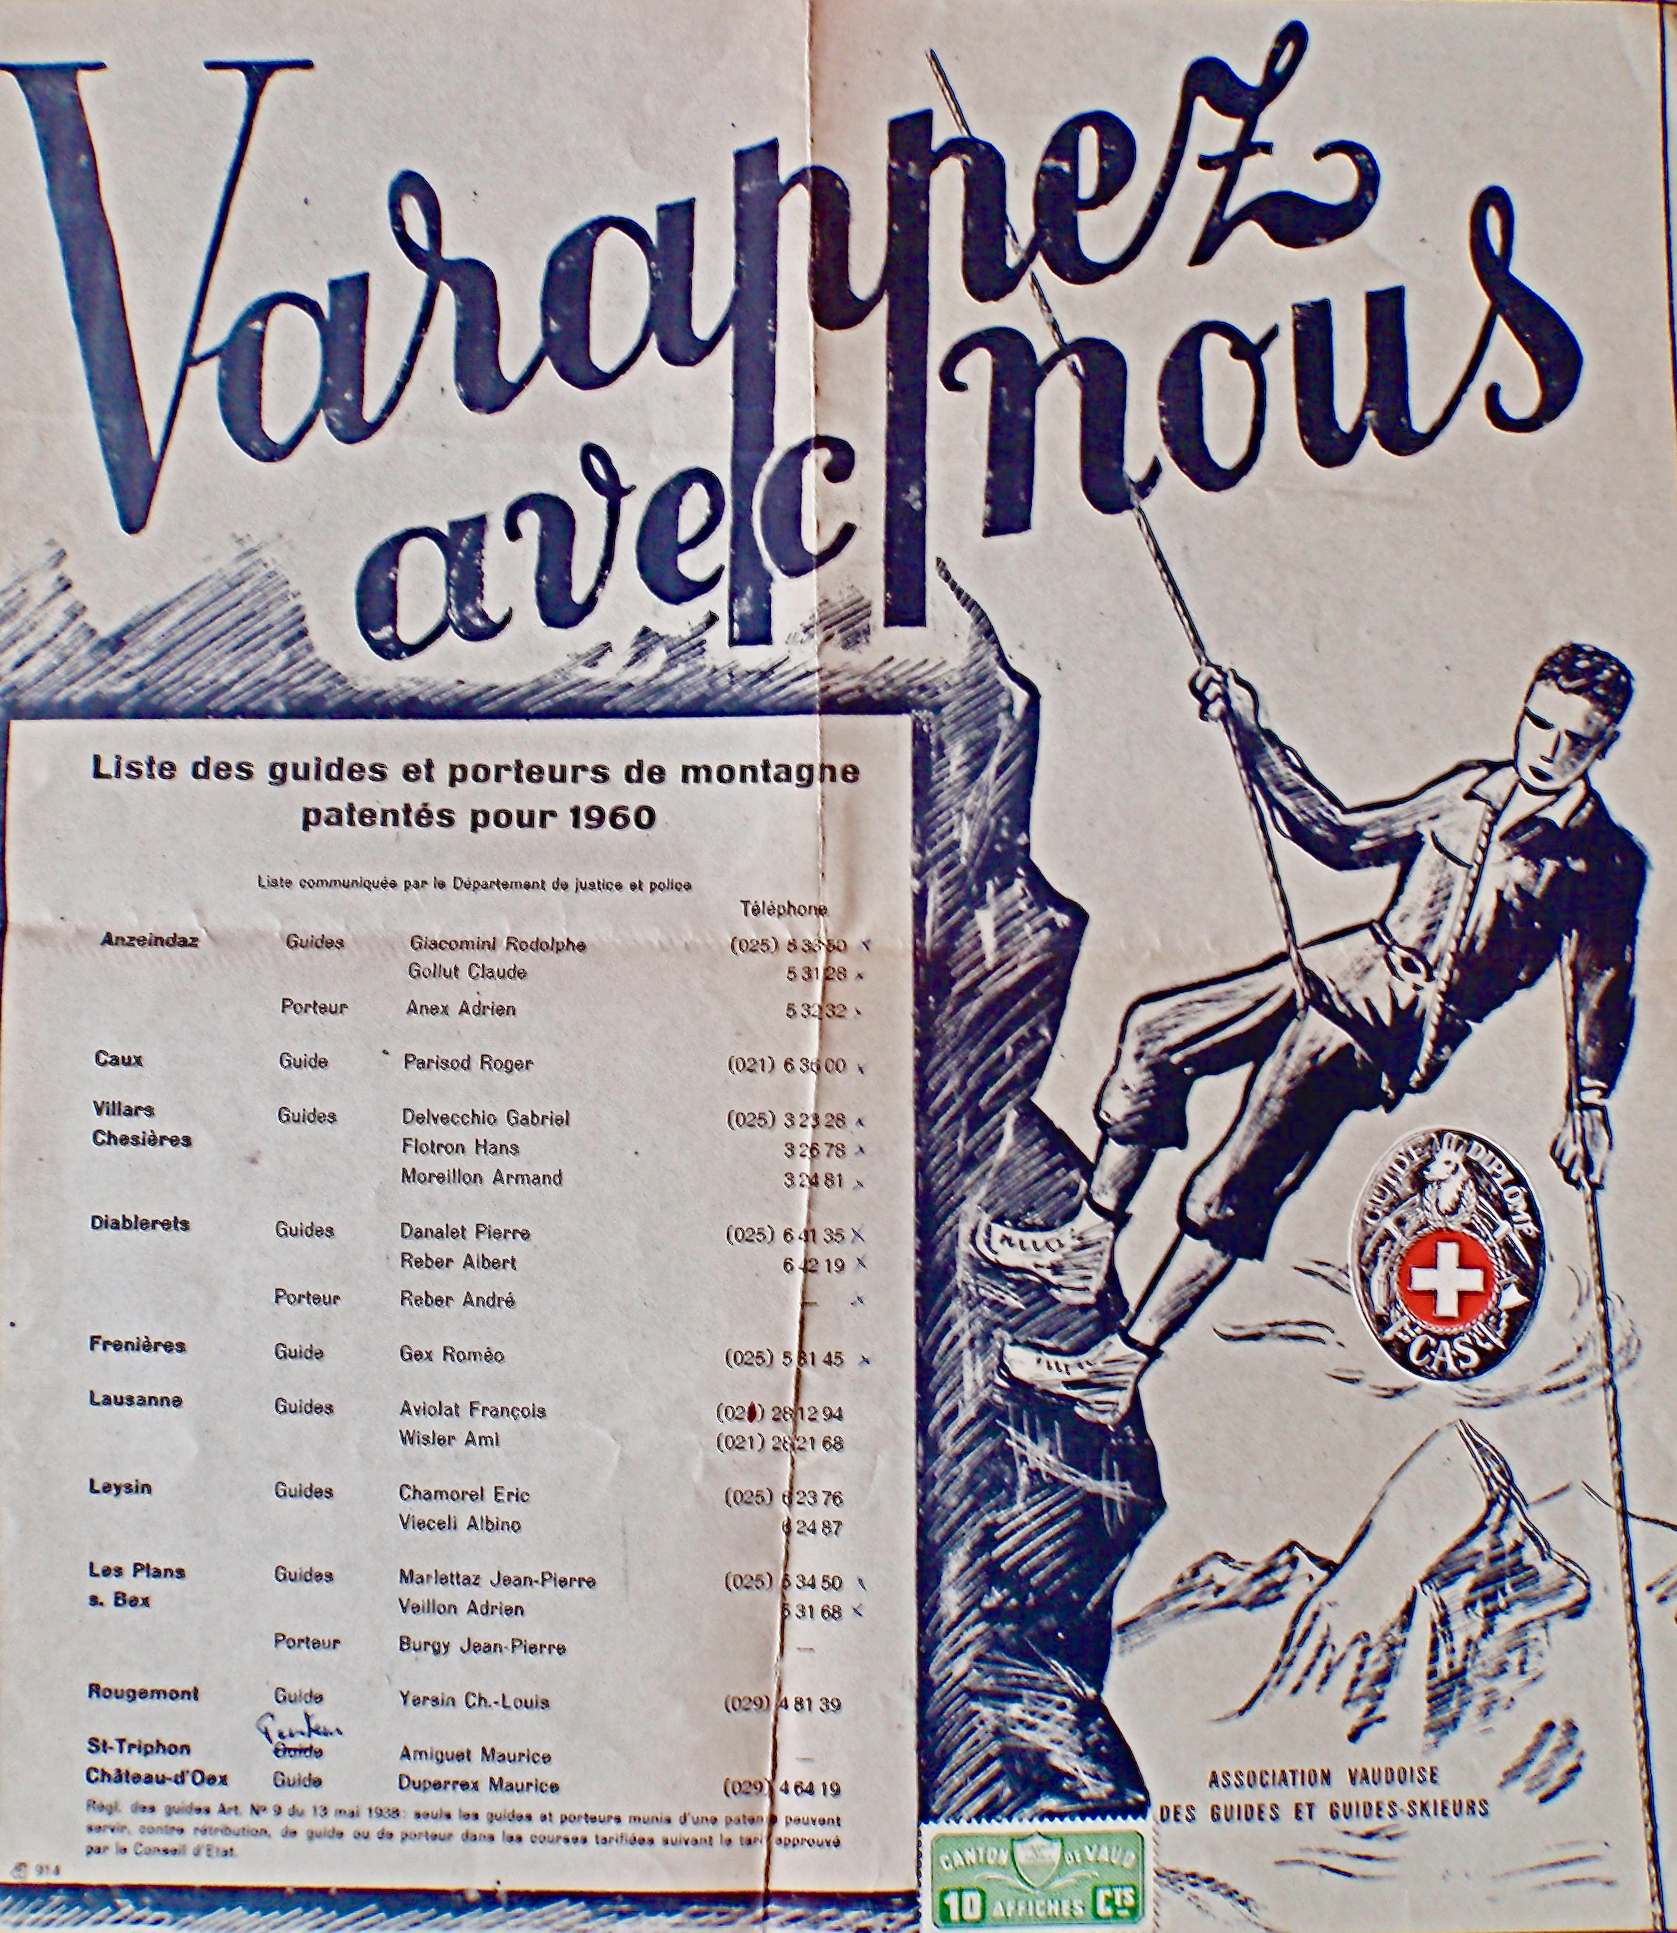 Liste des guides et porteurs de montagne 1960